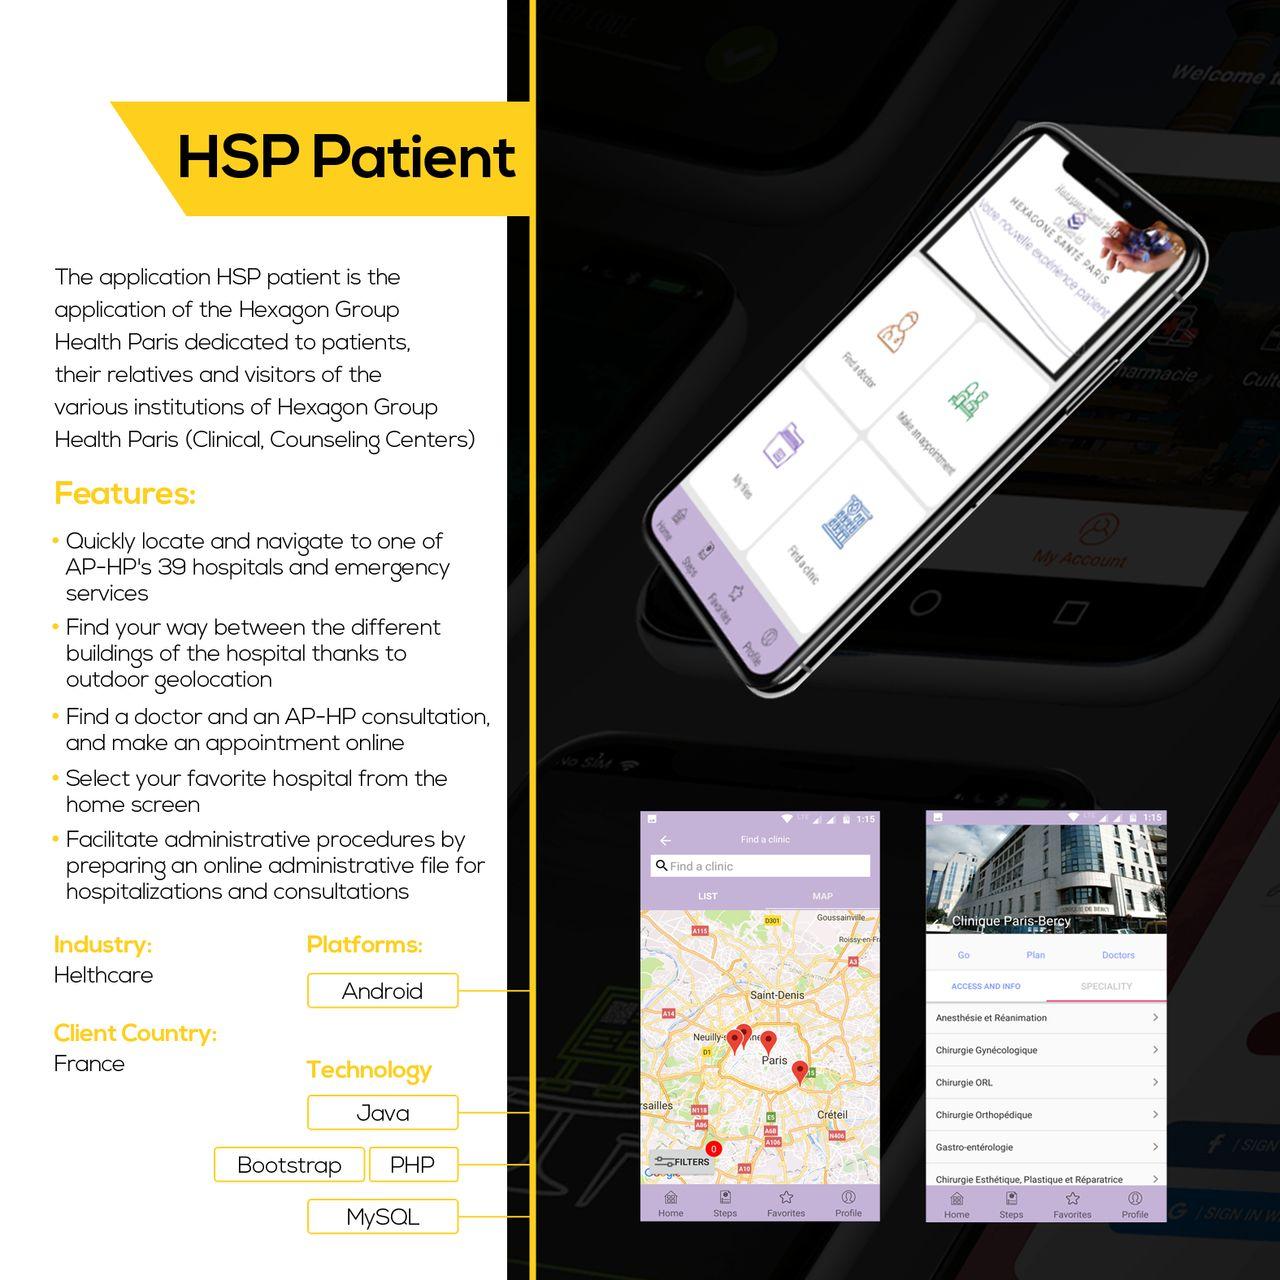 HSP Patient